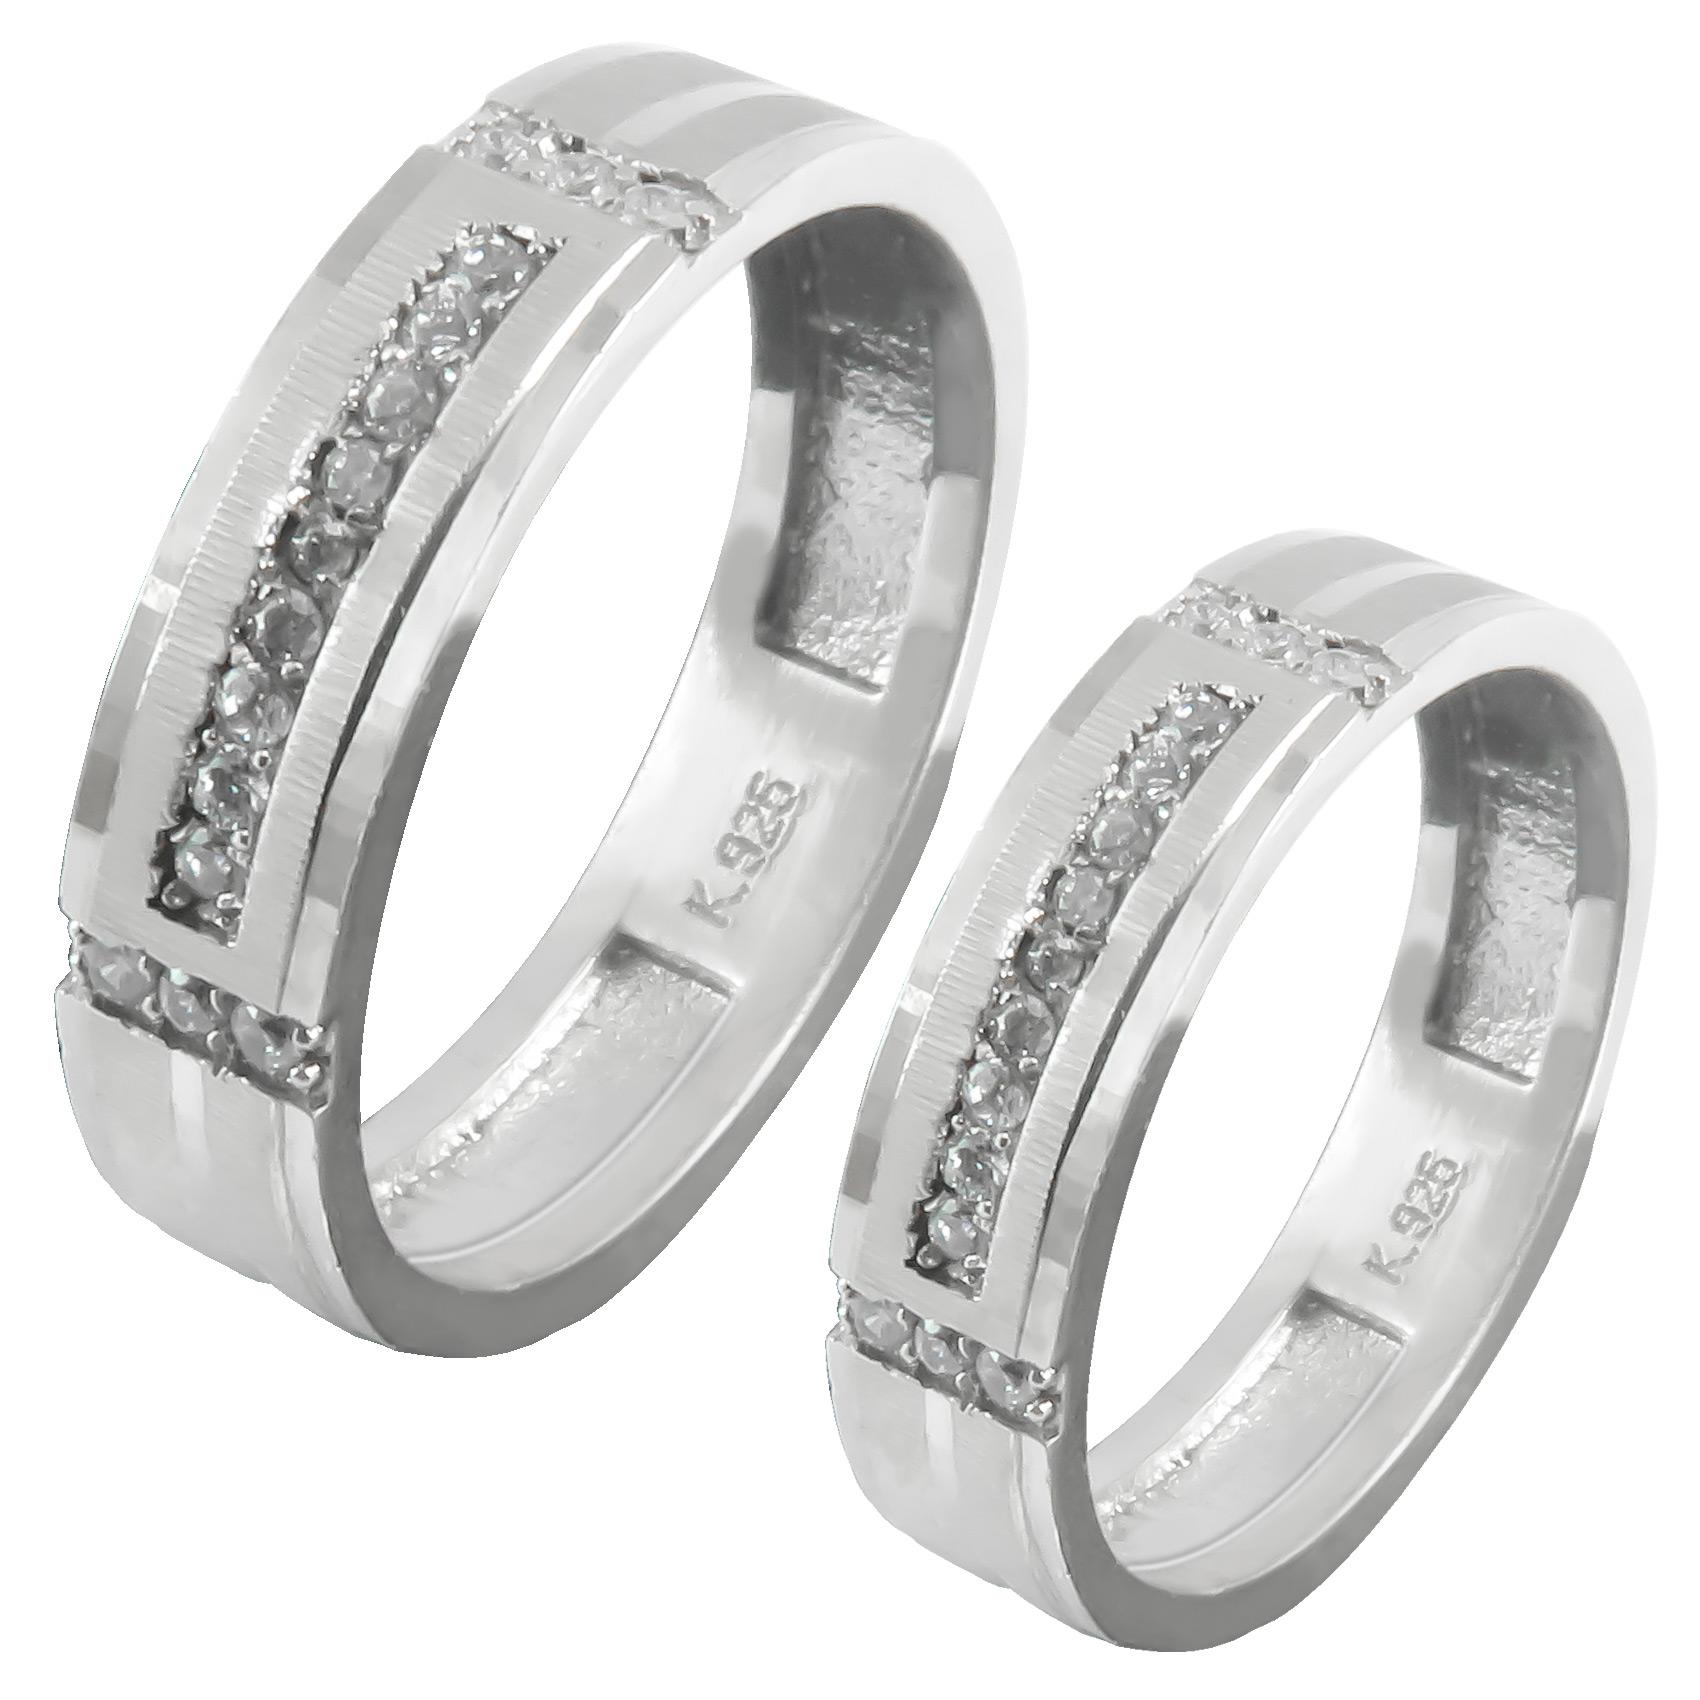 ست انگشتر نقره زنانه و مردانه کد AS054